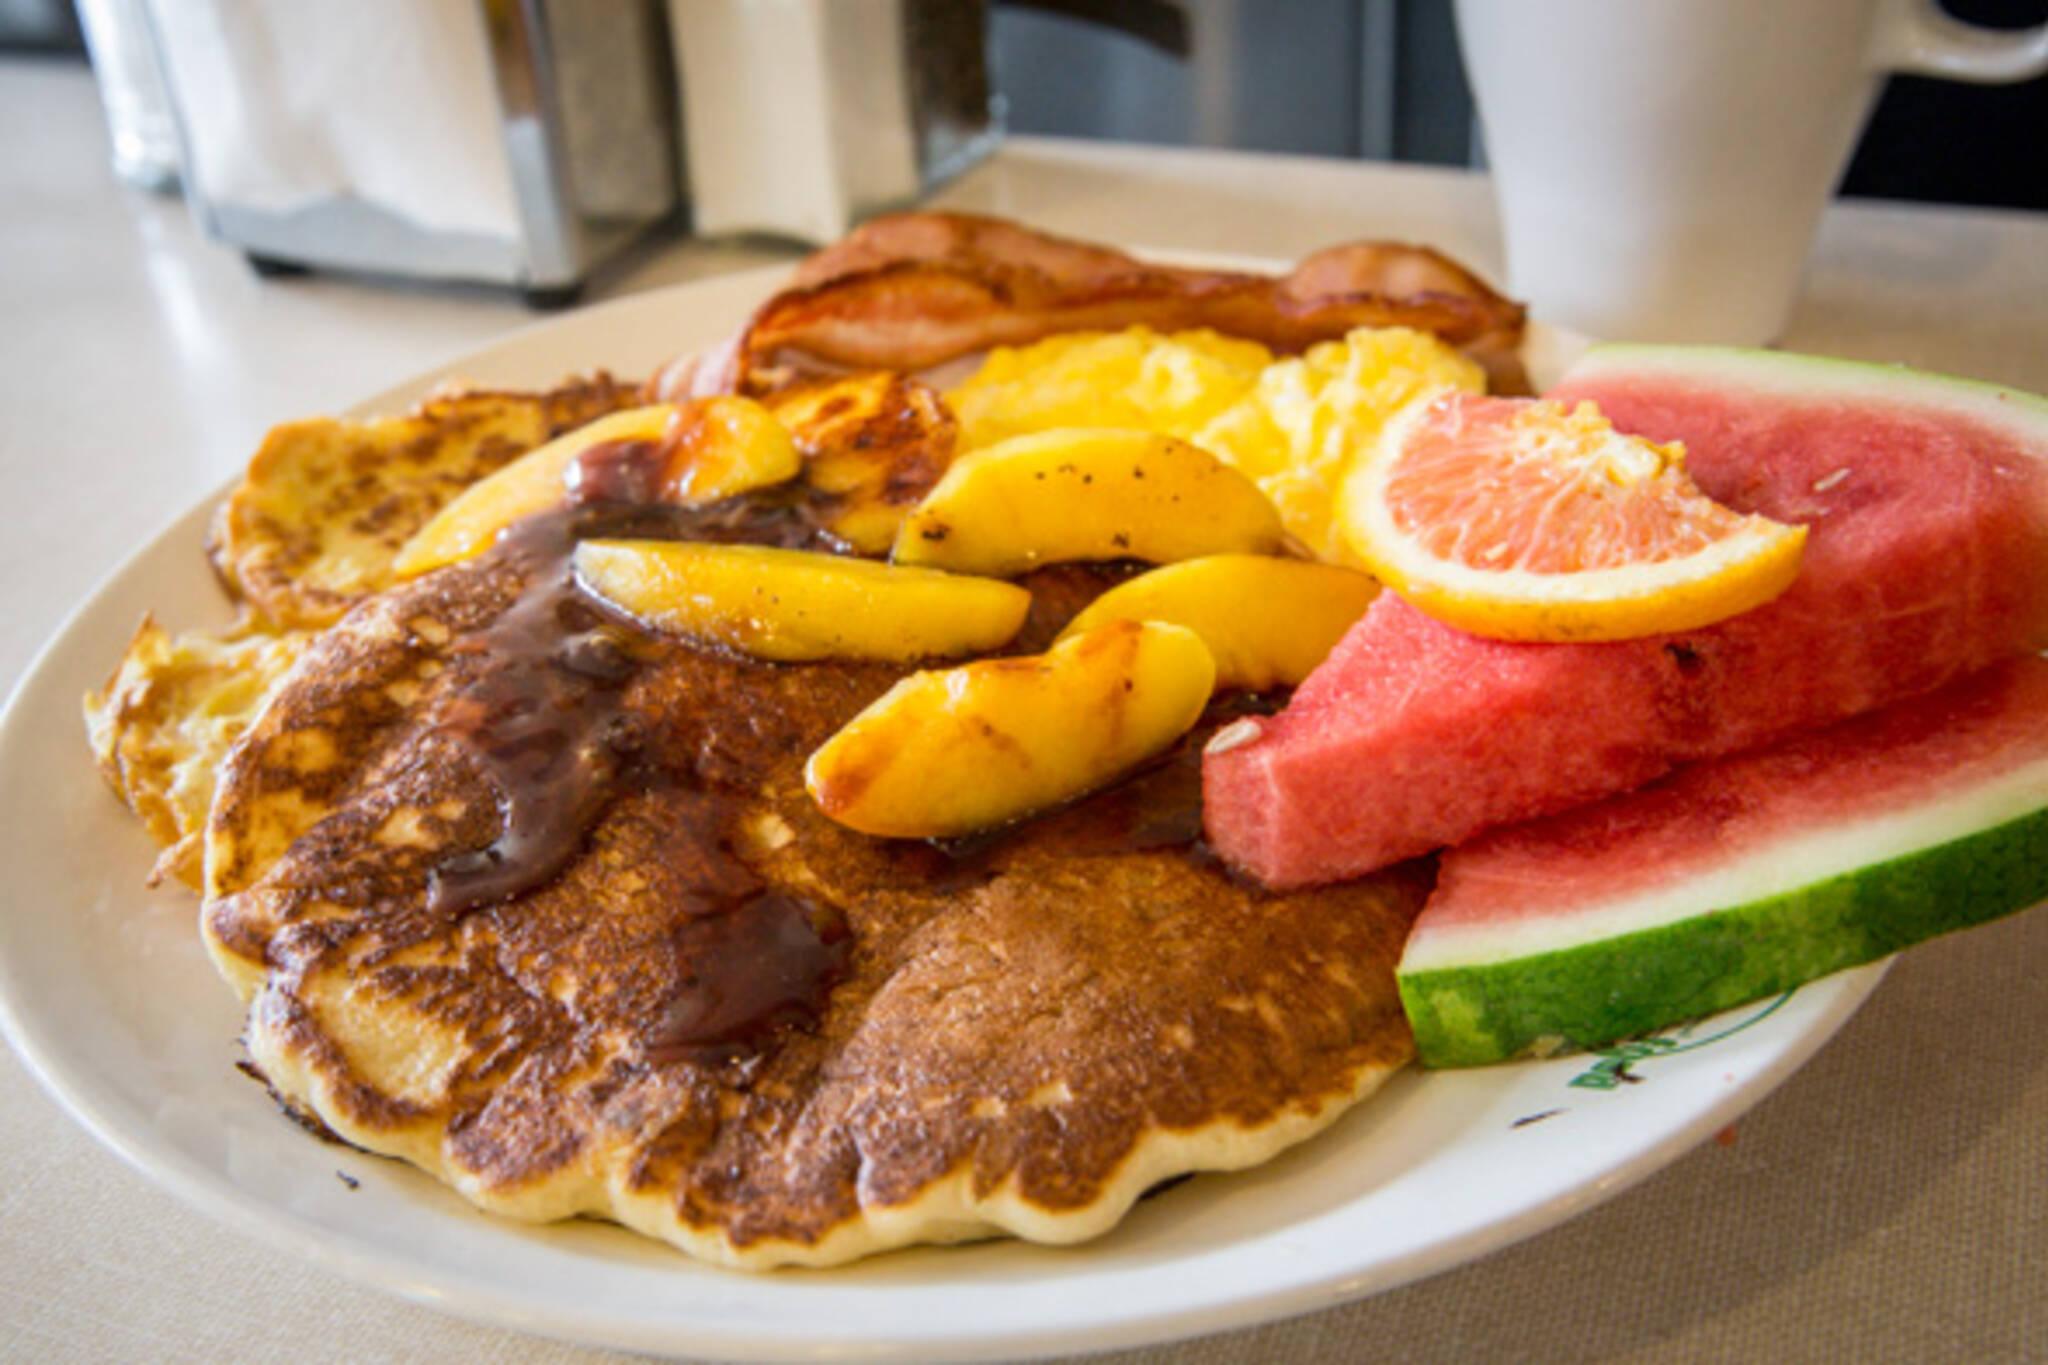 Breakfast Toronto